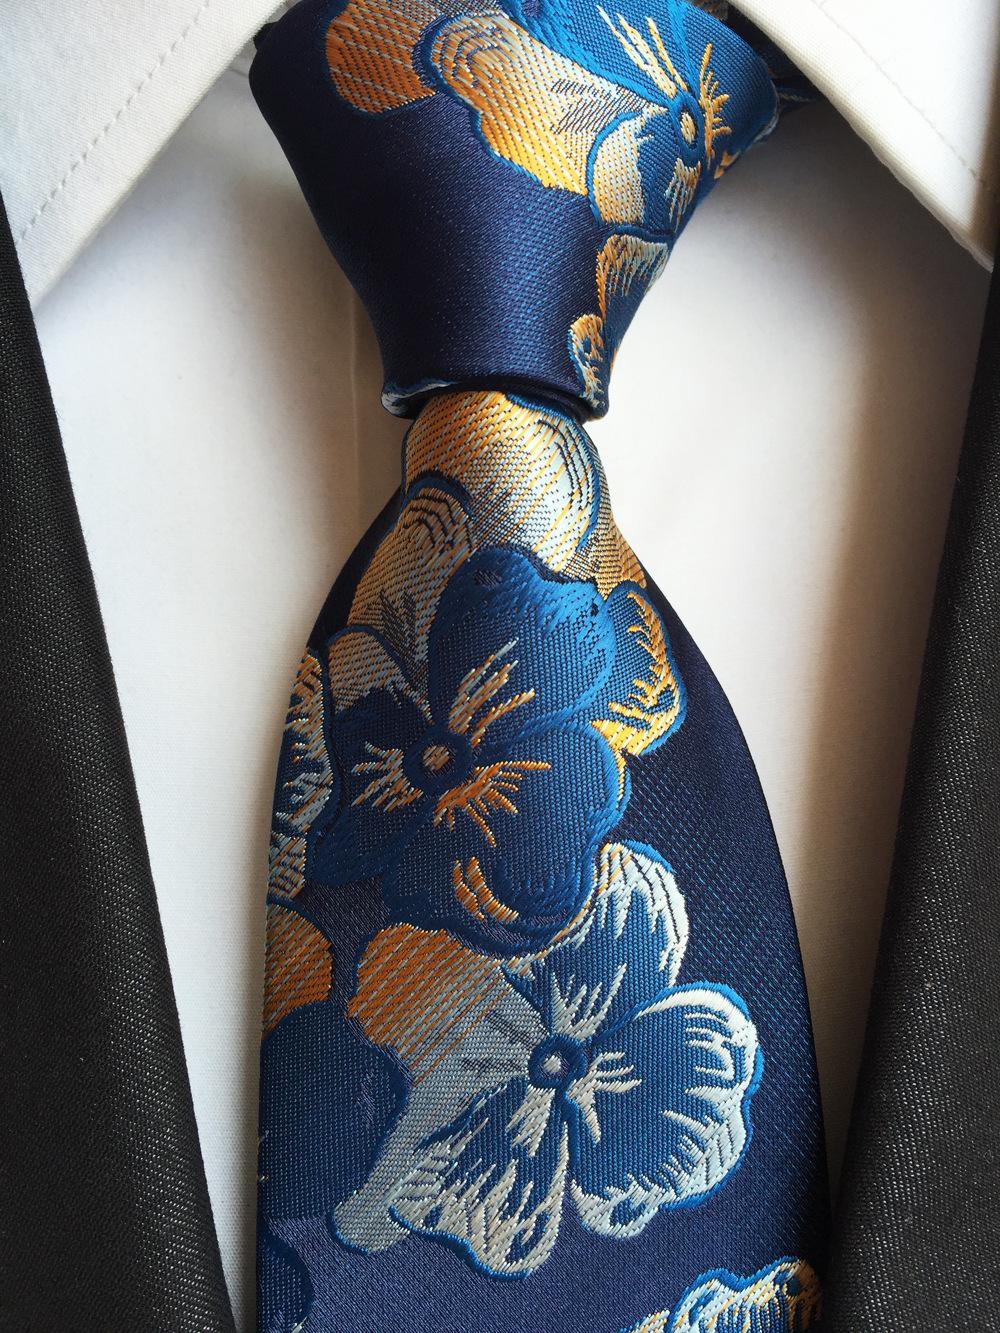 남자 넥타이 고밀도 자카드 직물 넥타이 제조 업체 도매 8cm 12 개